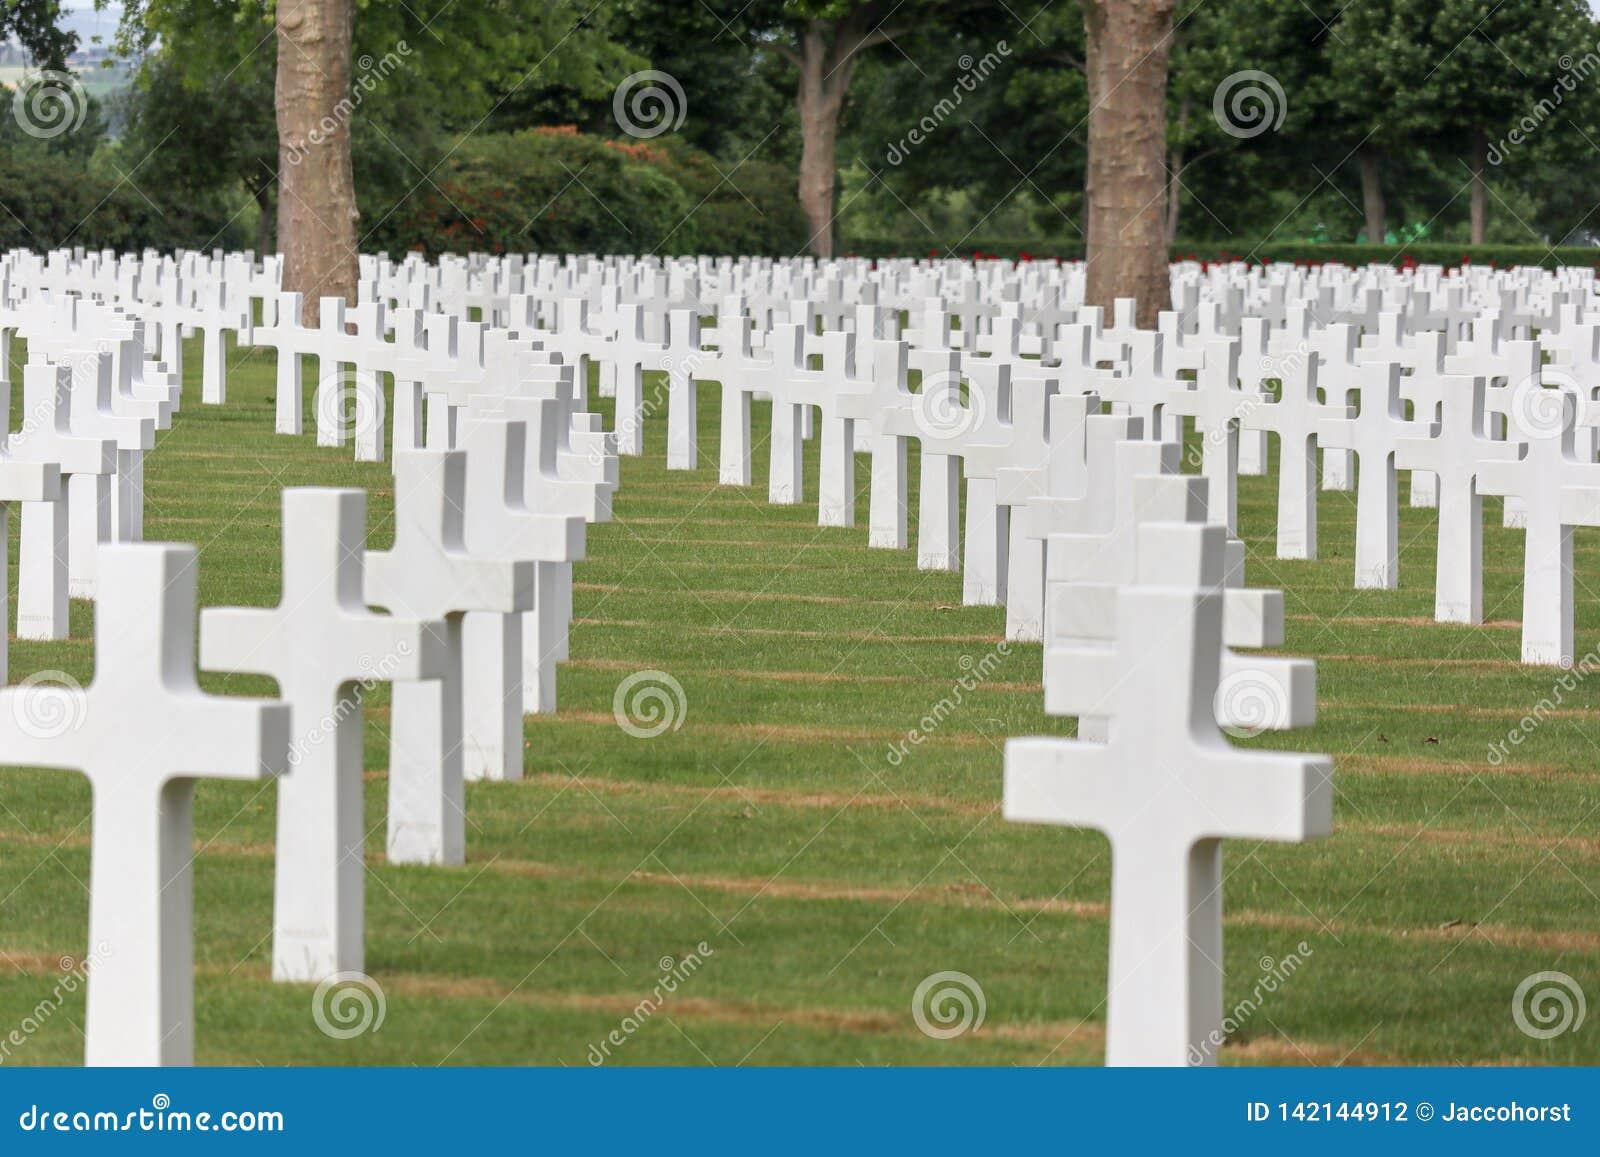 Gravstenar i rader på en kyrkogård ww2